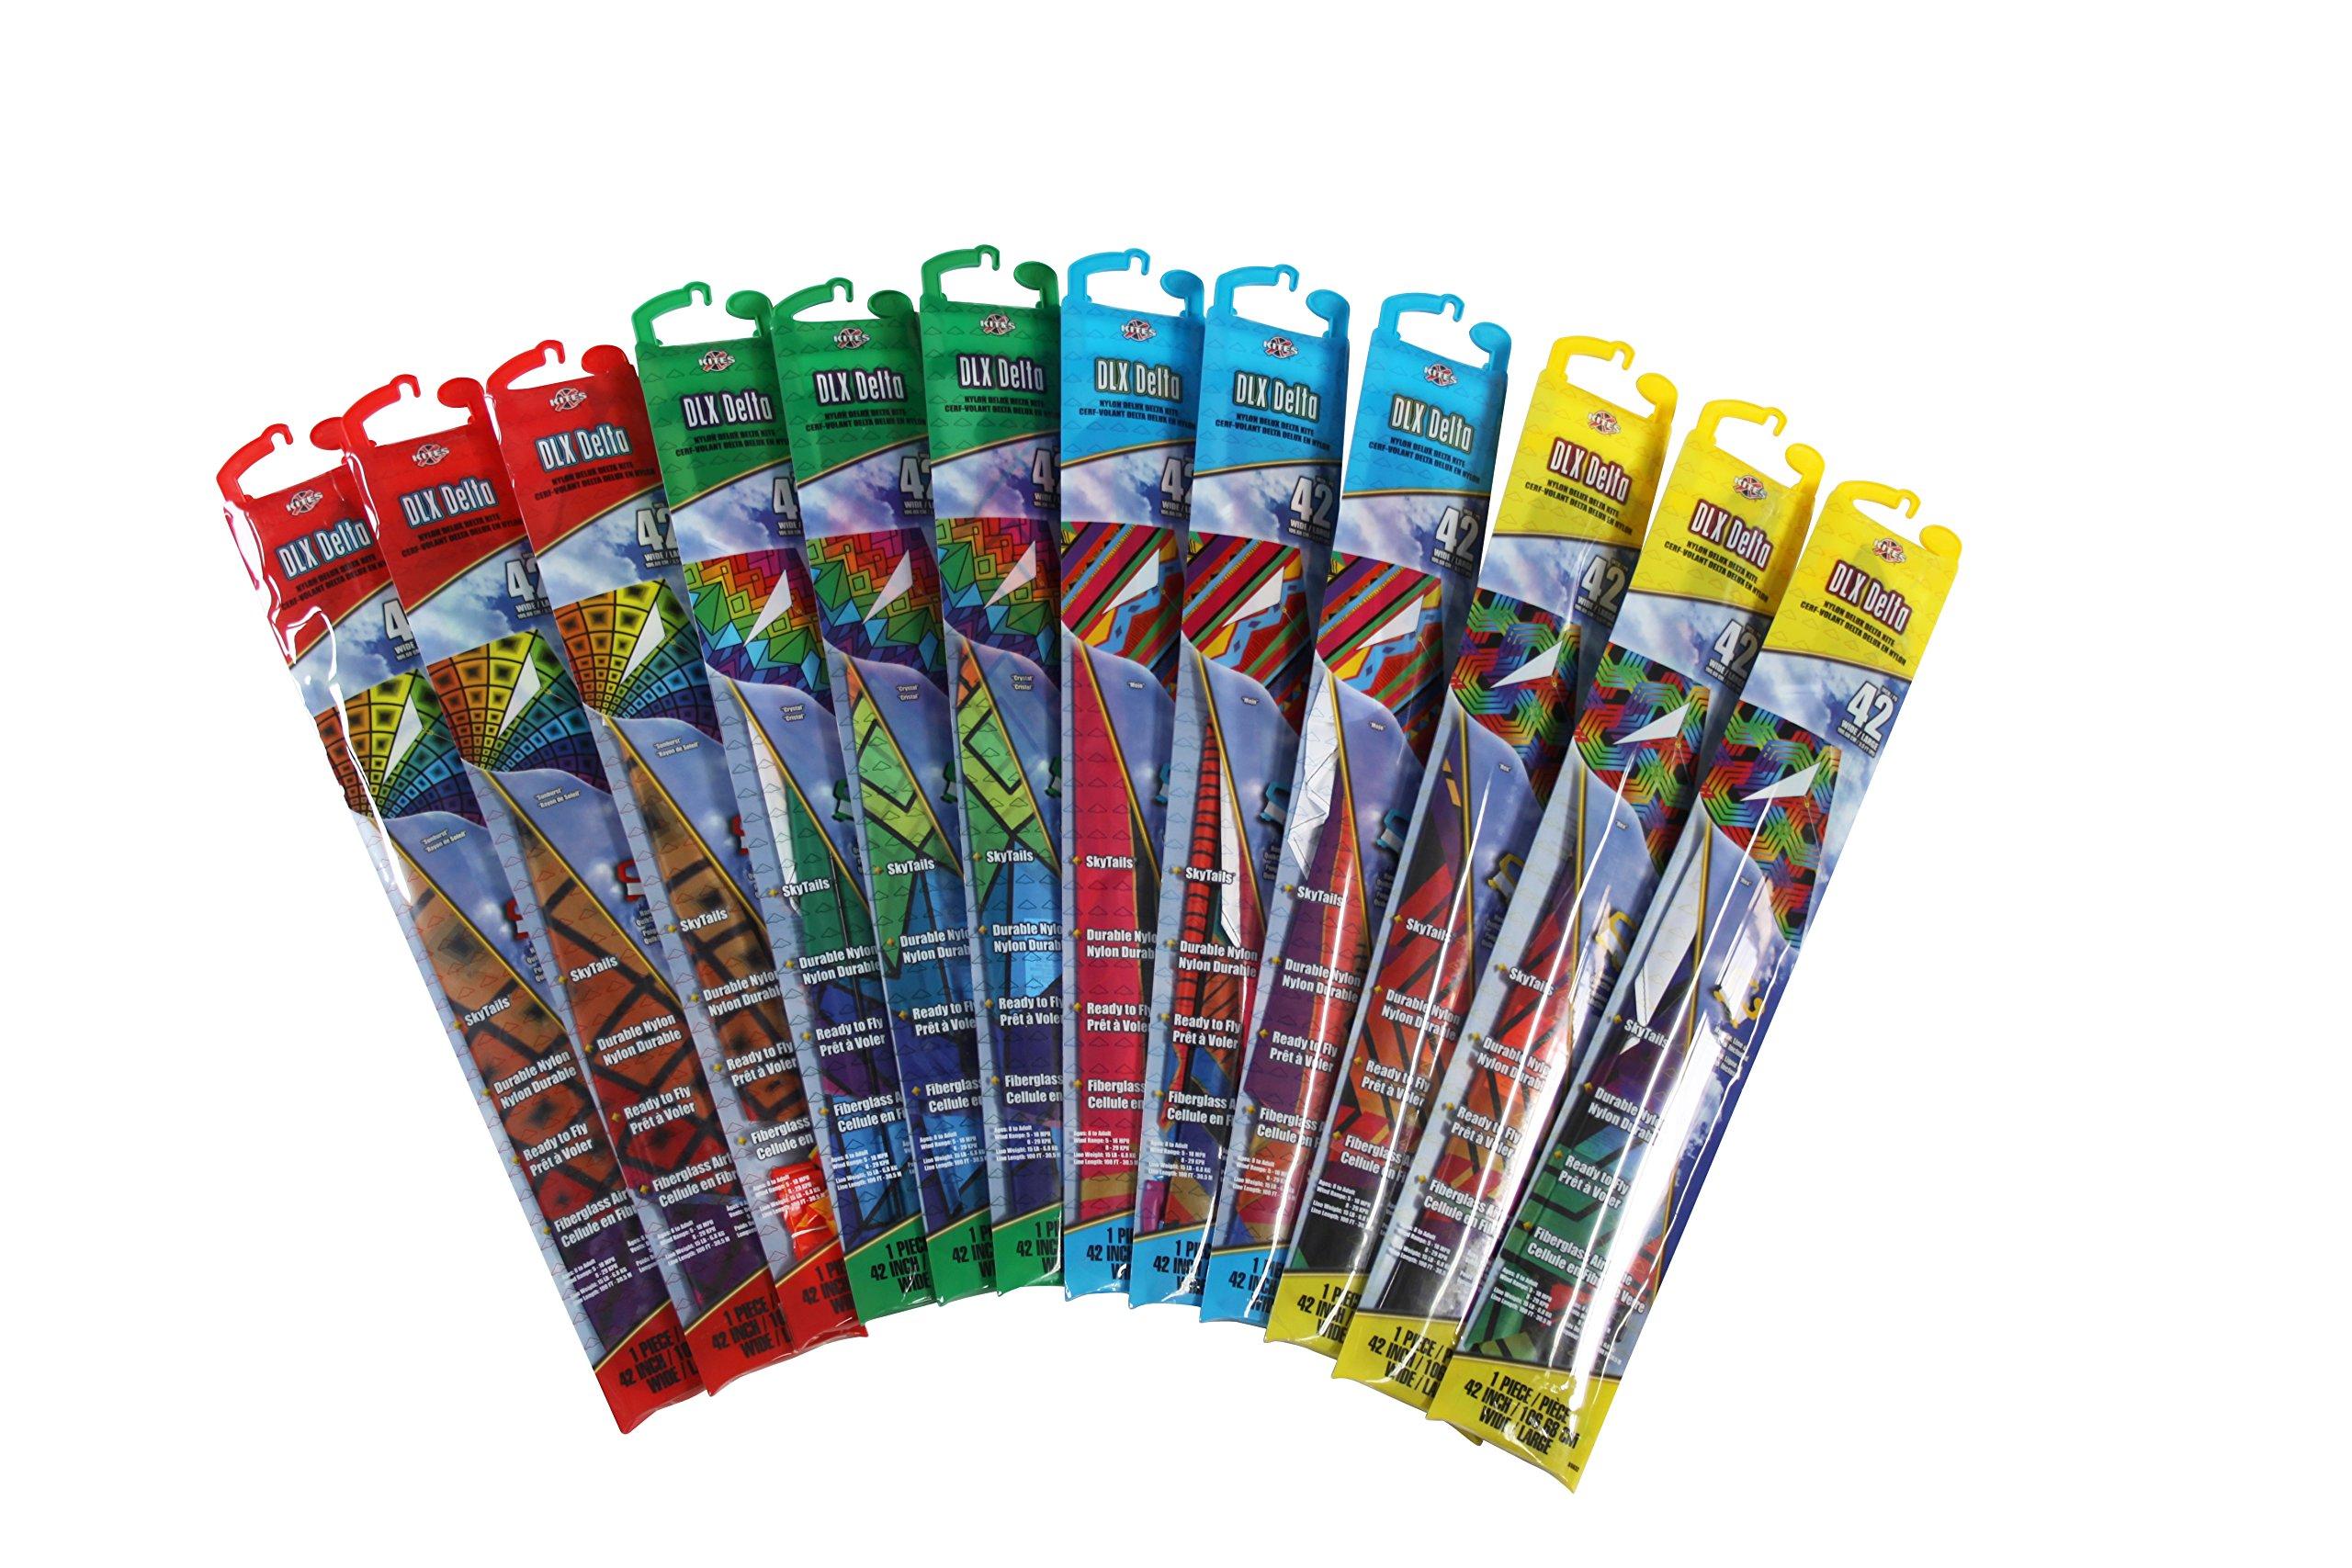 X-Kites Deluxe Delta Nylon Kite Assortment Pack (12-Pack), 42'' by X-Kites (Image #1)